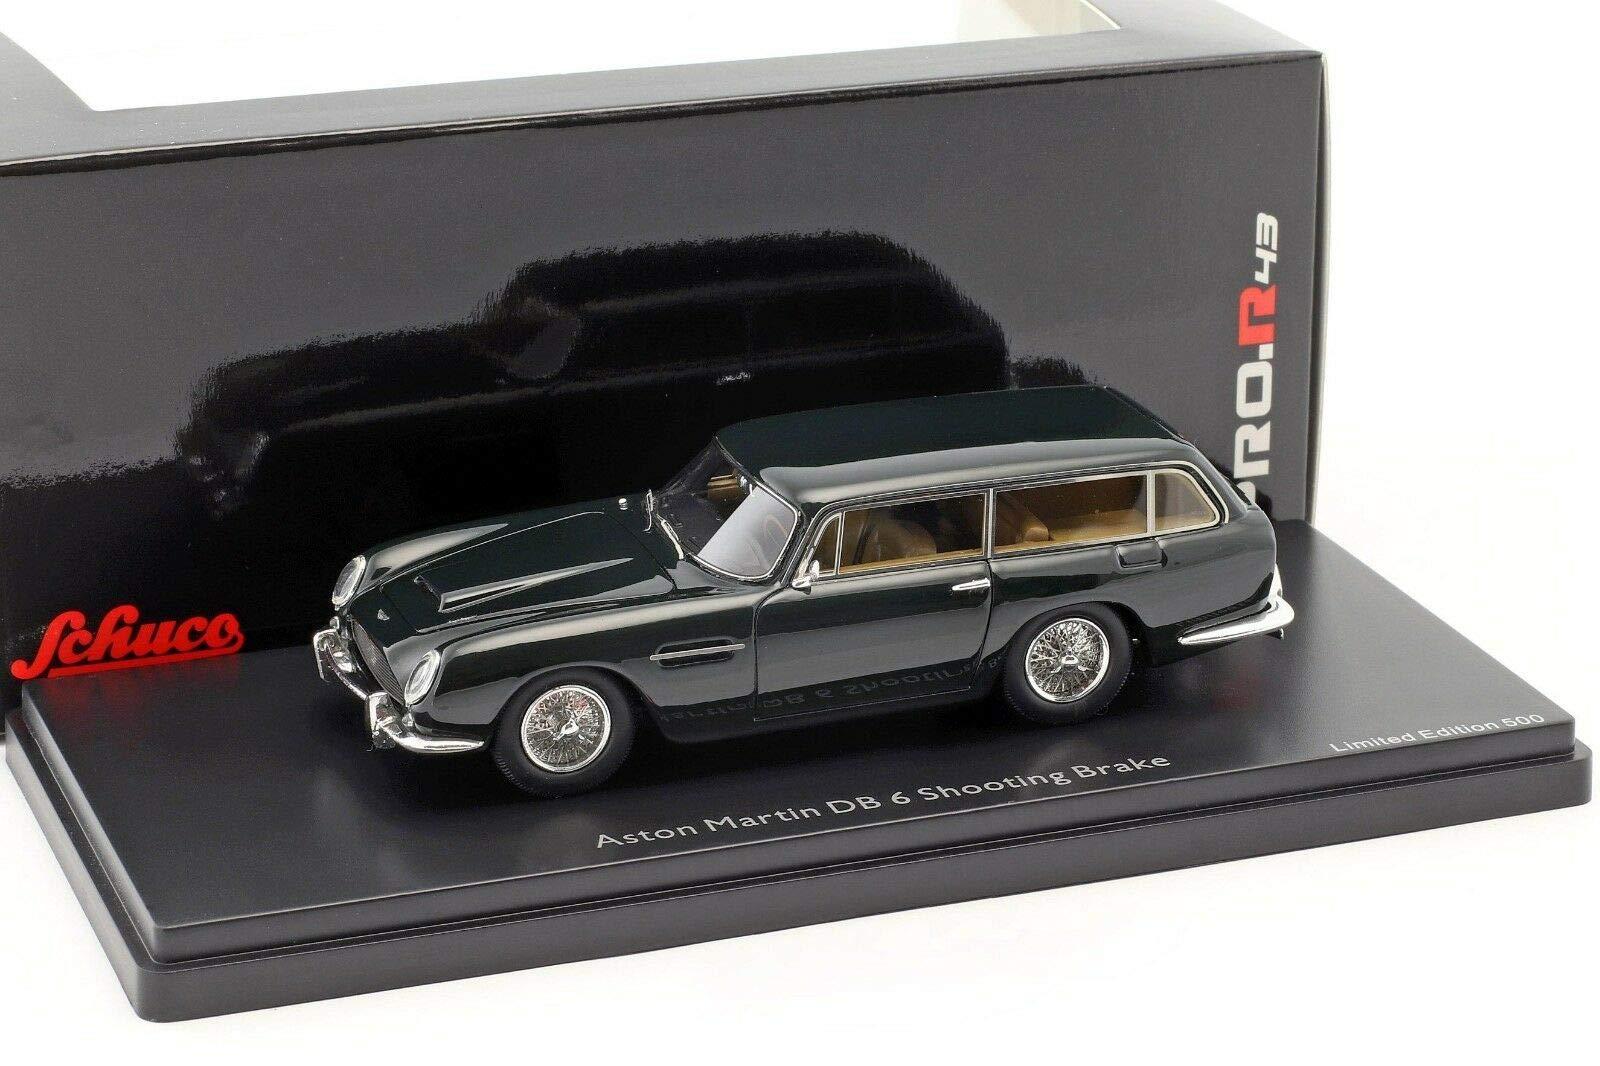 Simba Dickie 450903500Model Miniature Aston Martin DB61: 43